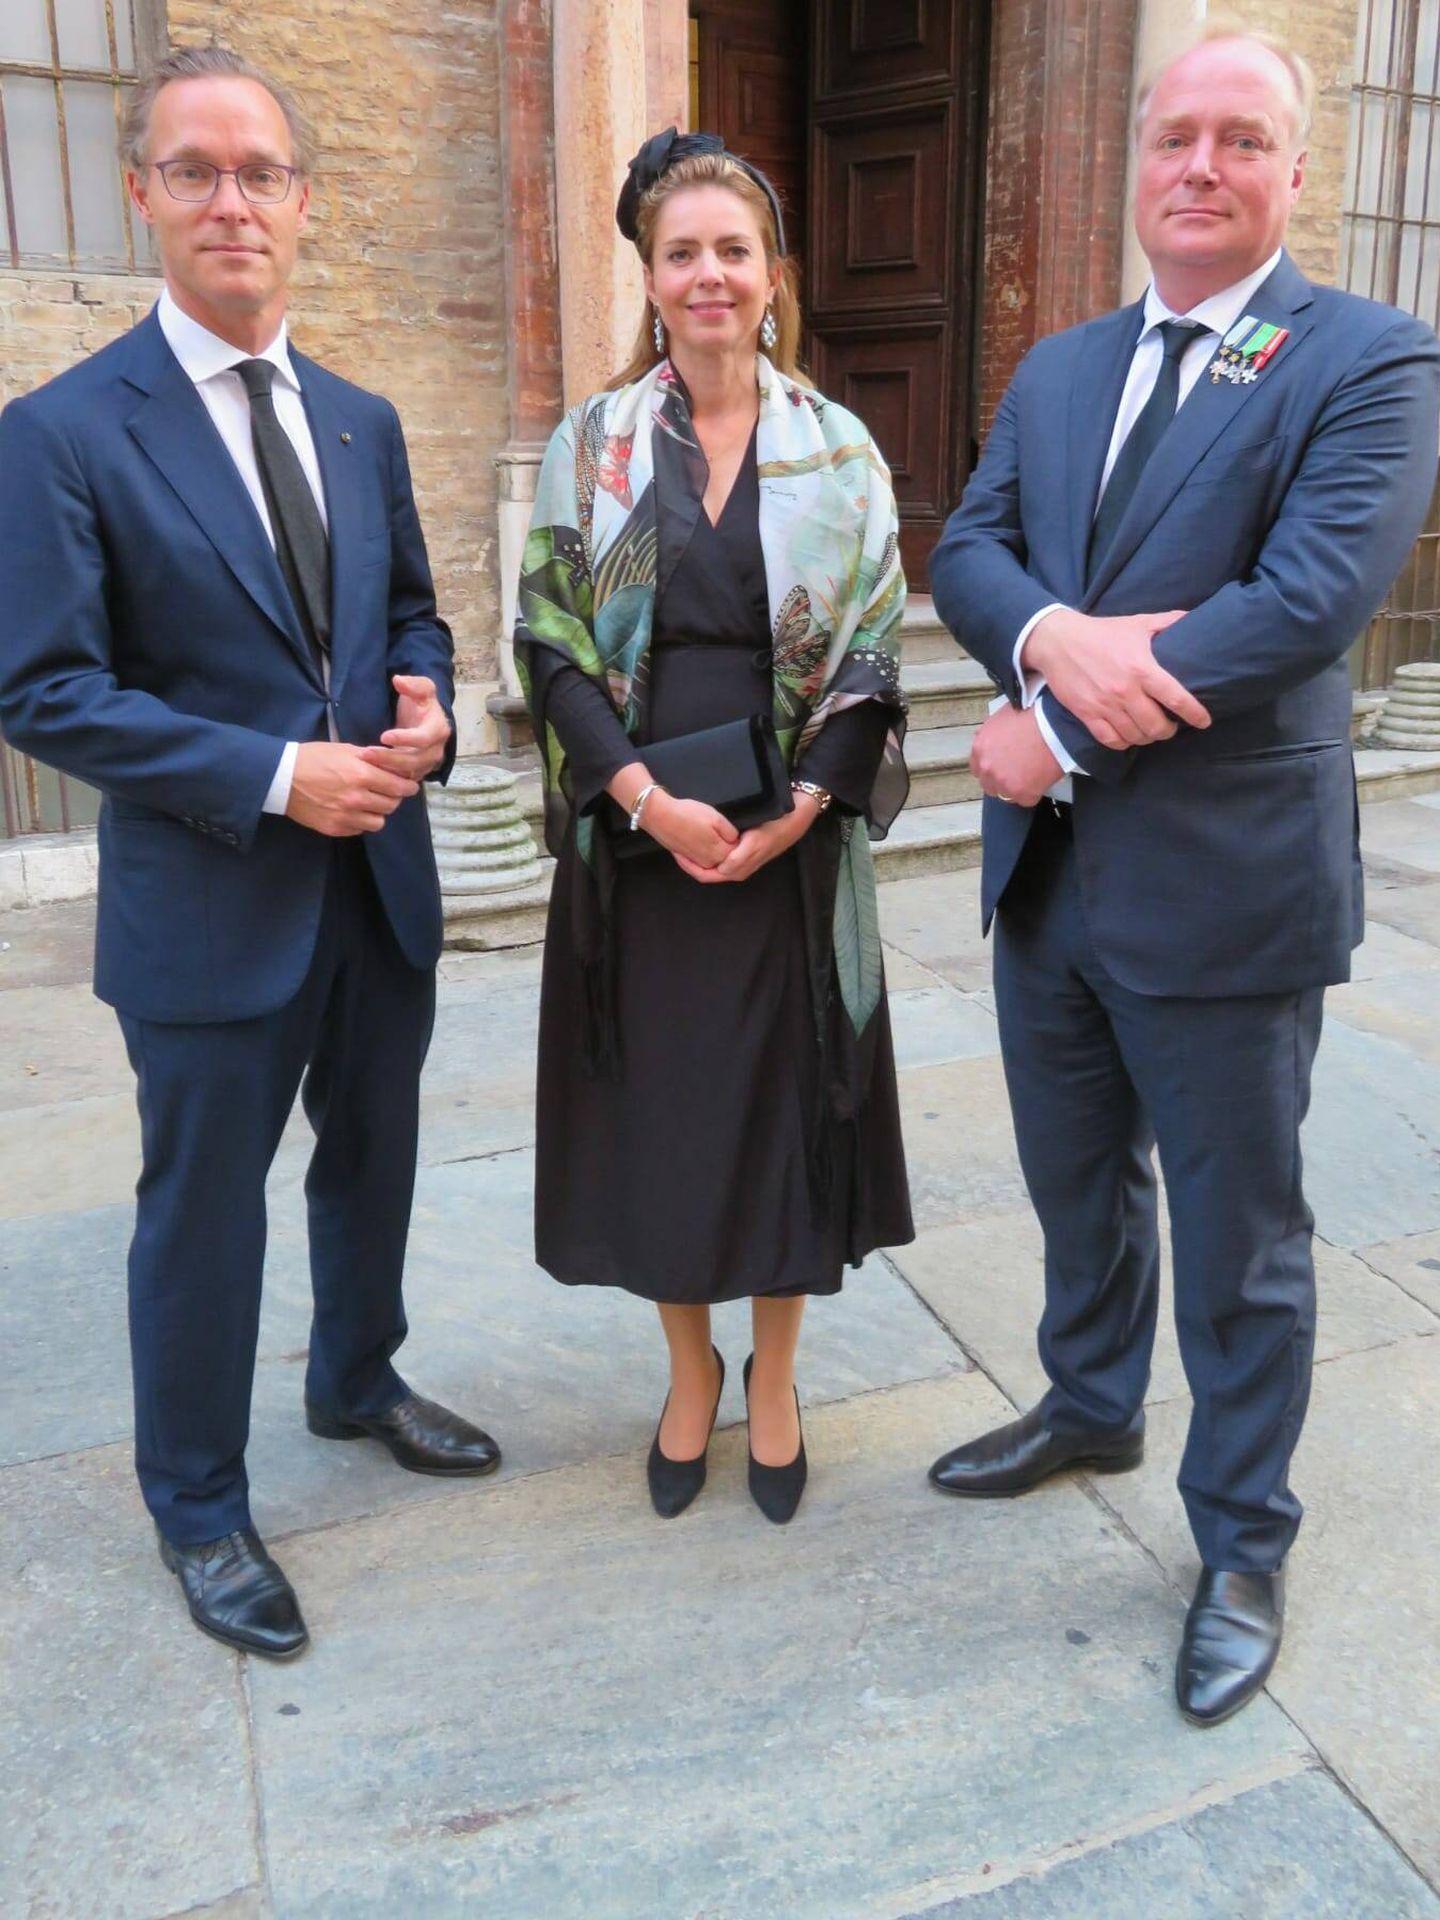 De izquierda a derecha: Don Jaime de Borbón Parma, Doña Ana María de Borbón Parma y Don Carlos Javier de Borbón Parma, Jefe de la Casa Real y Titular Dinástico del Carlismo. (Foto cortesía)